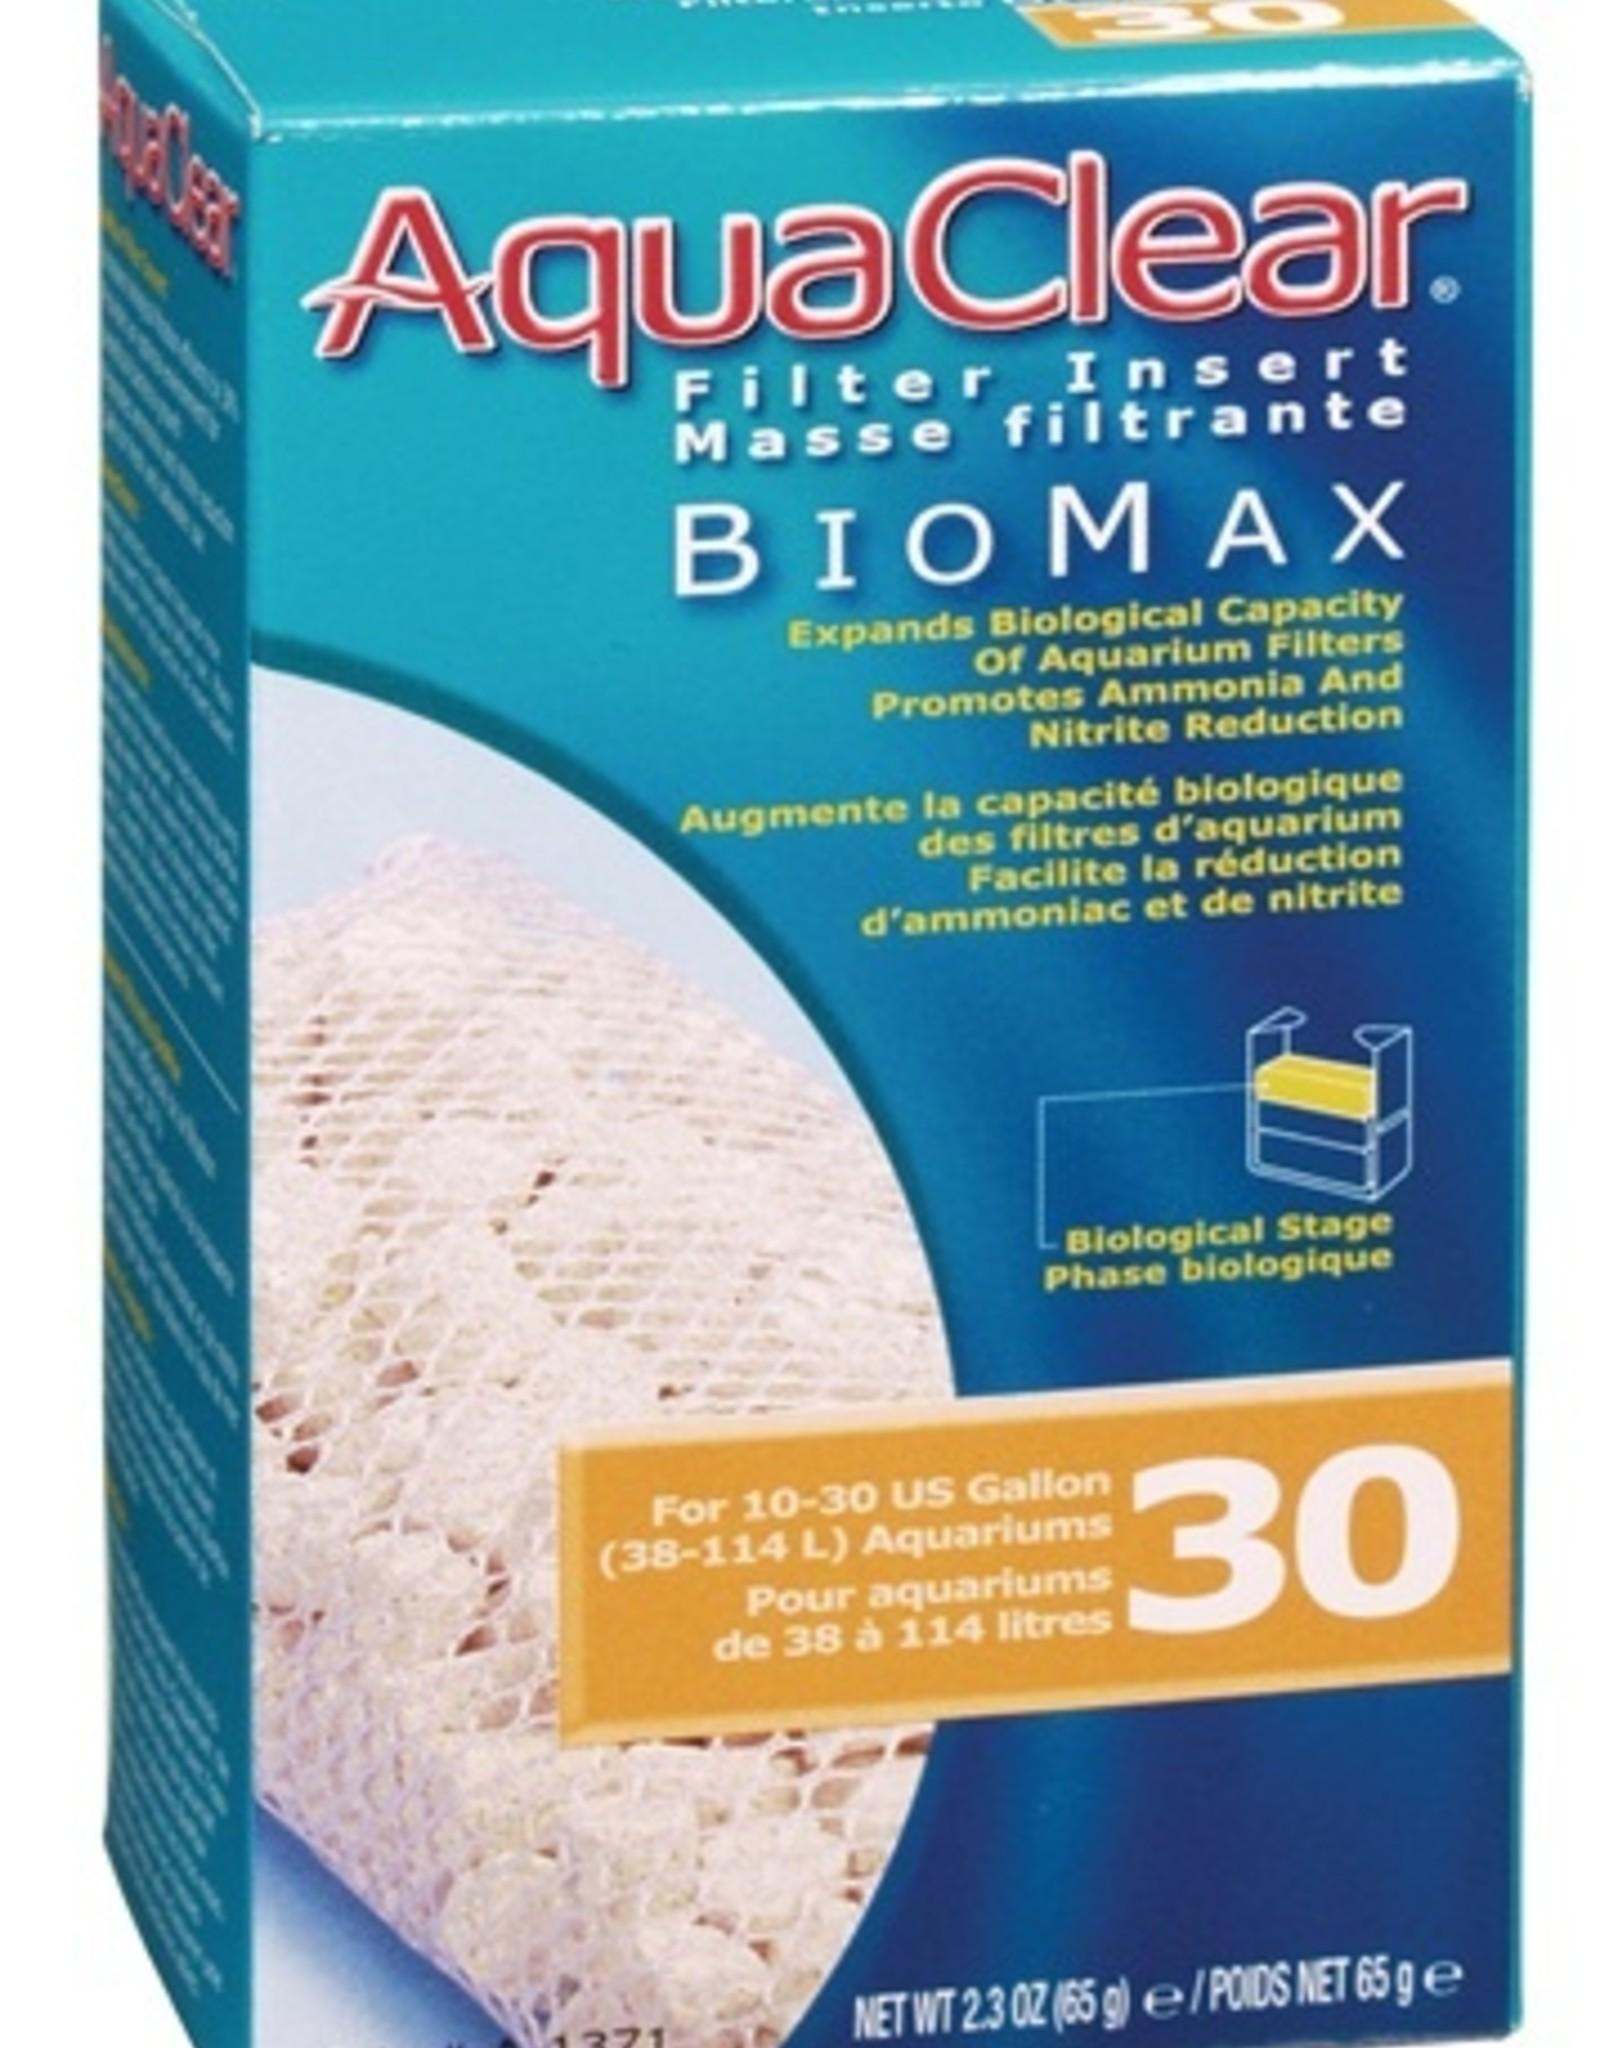 HAGEN AQUA CLEAR 30 BIOMAX